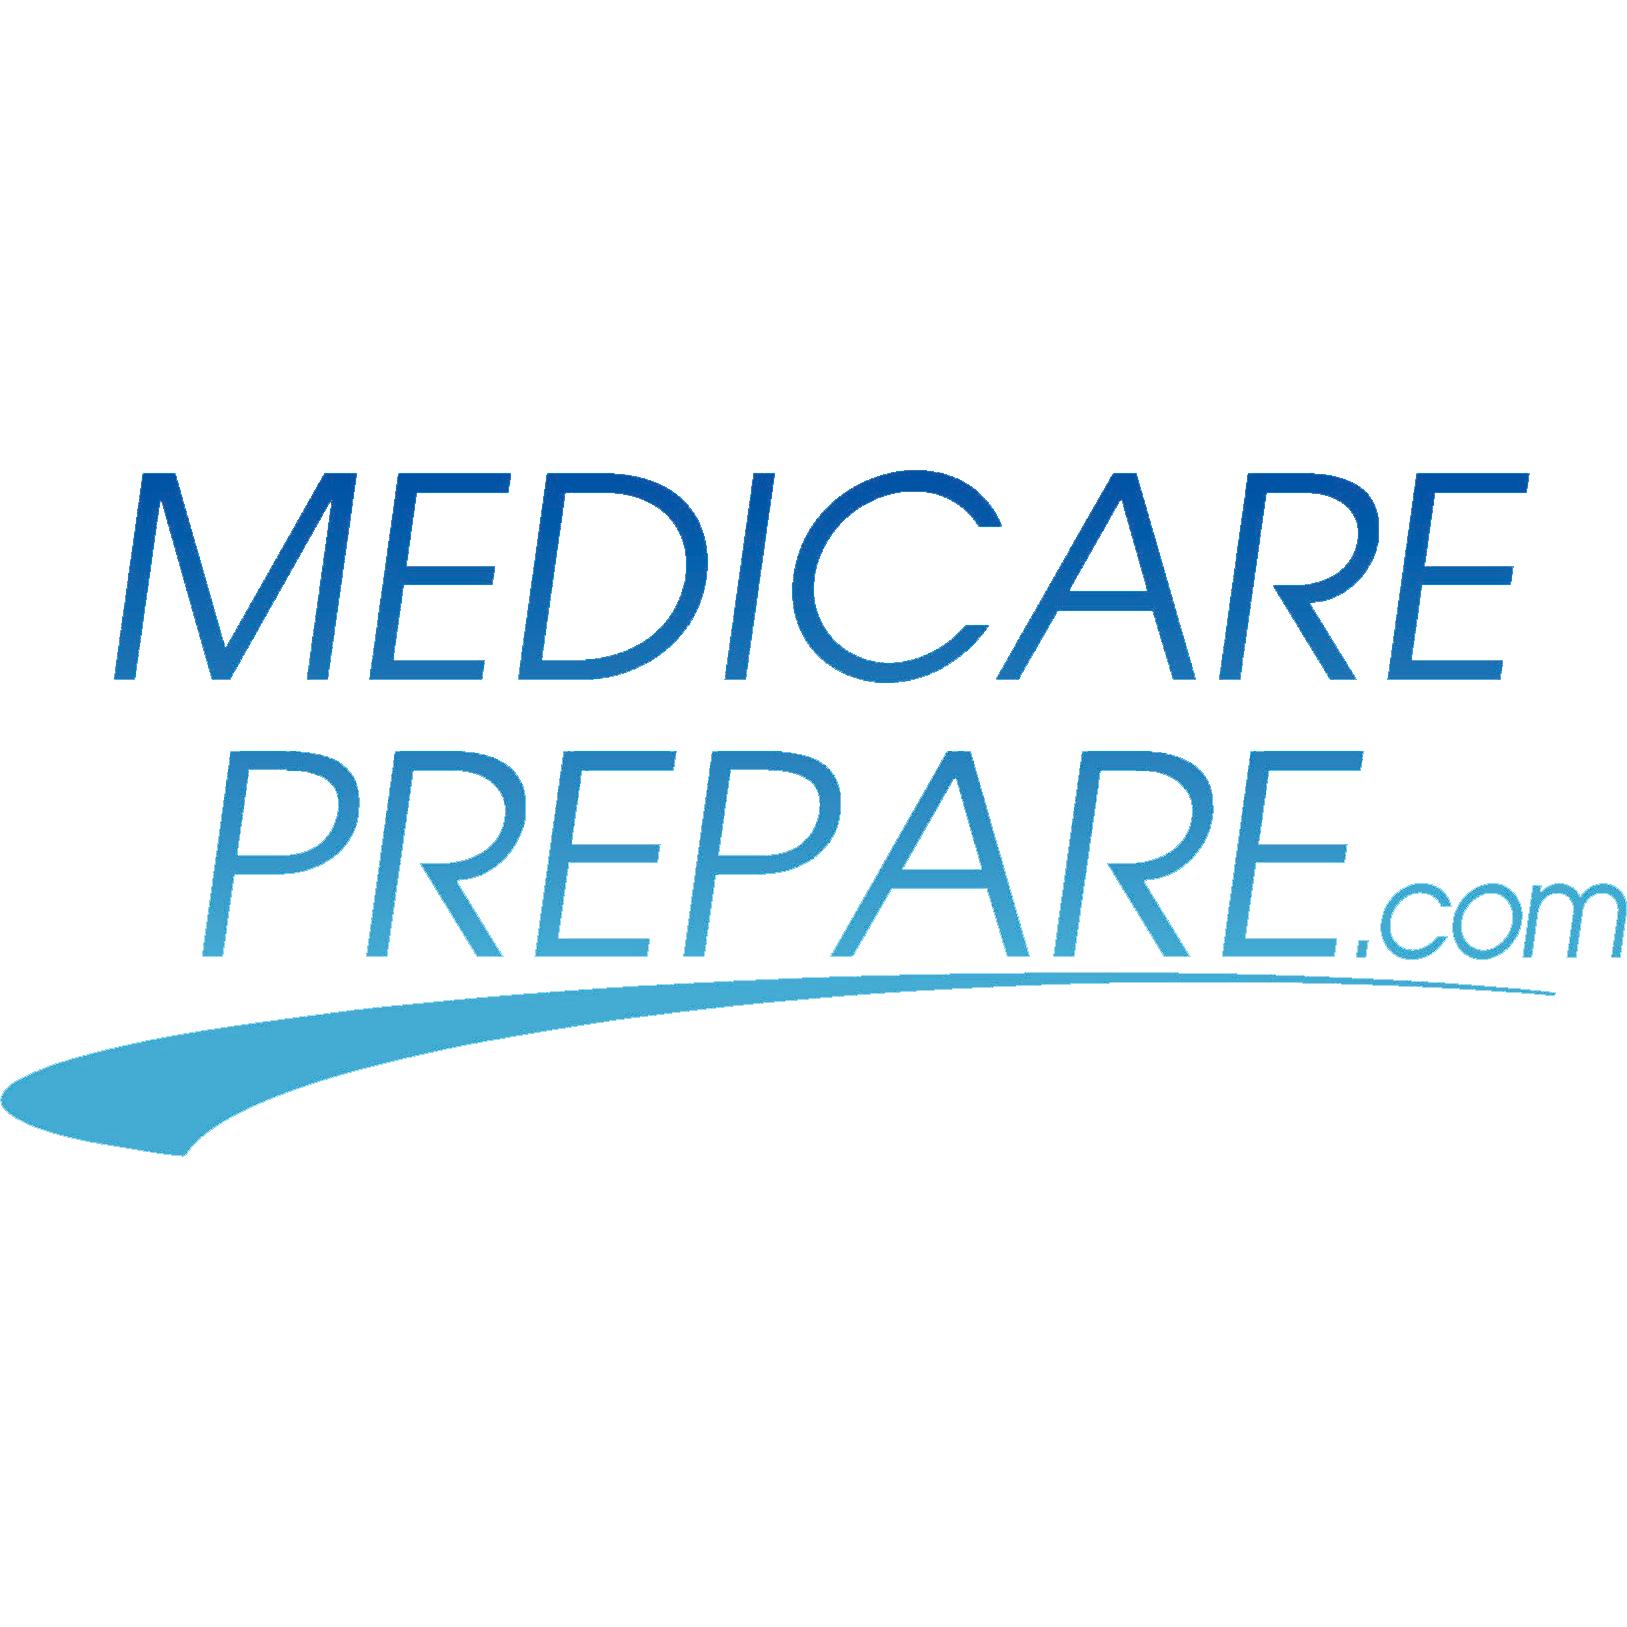 MedicarePrepare image 1